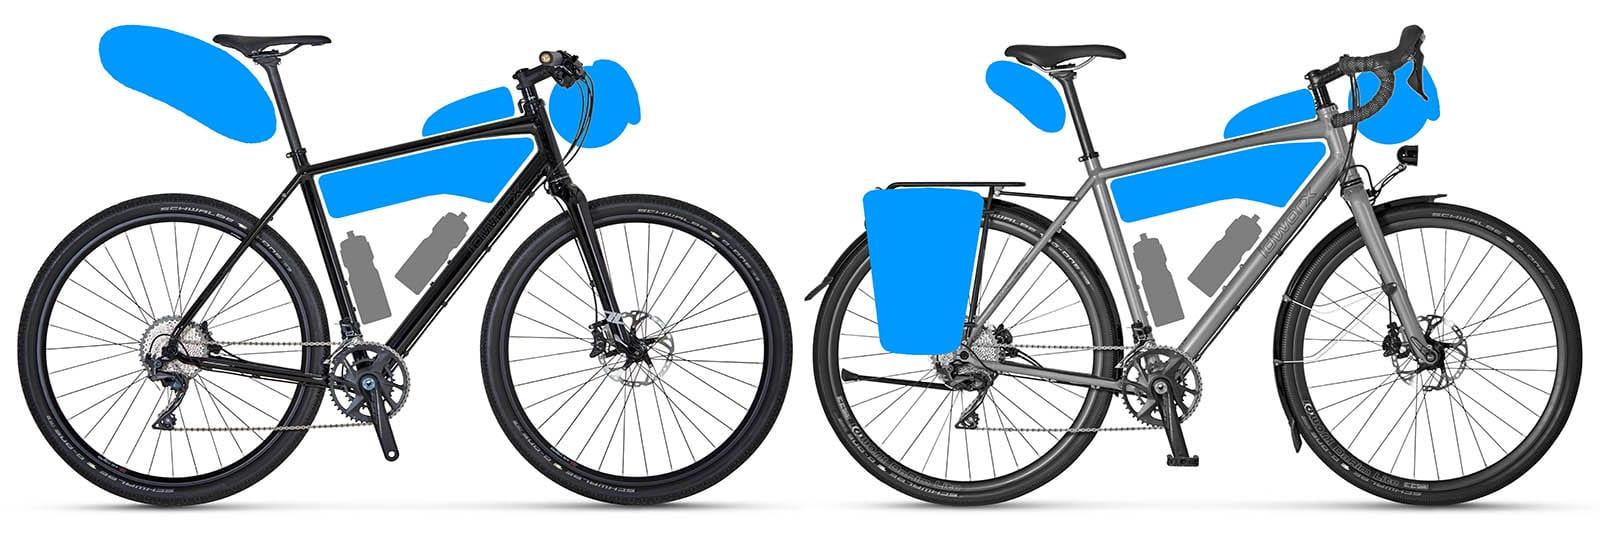 Idworx-Grandone-bikepacking